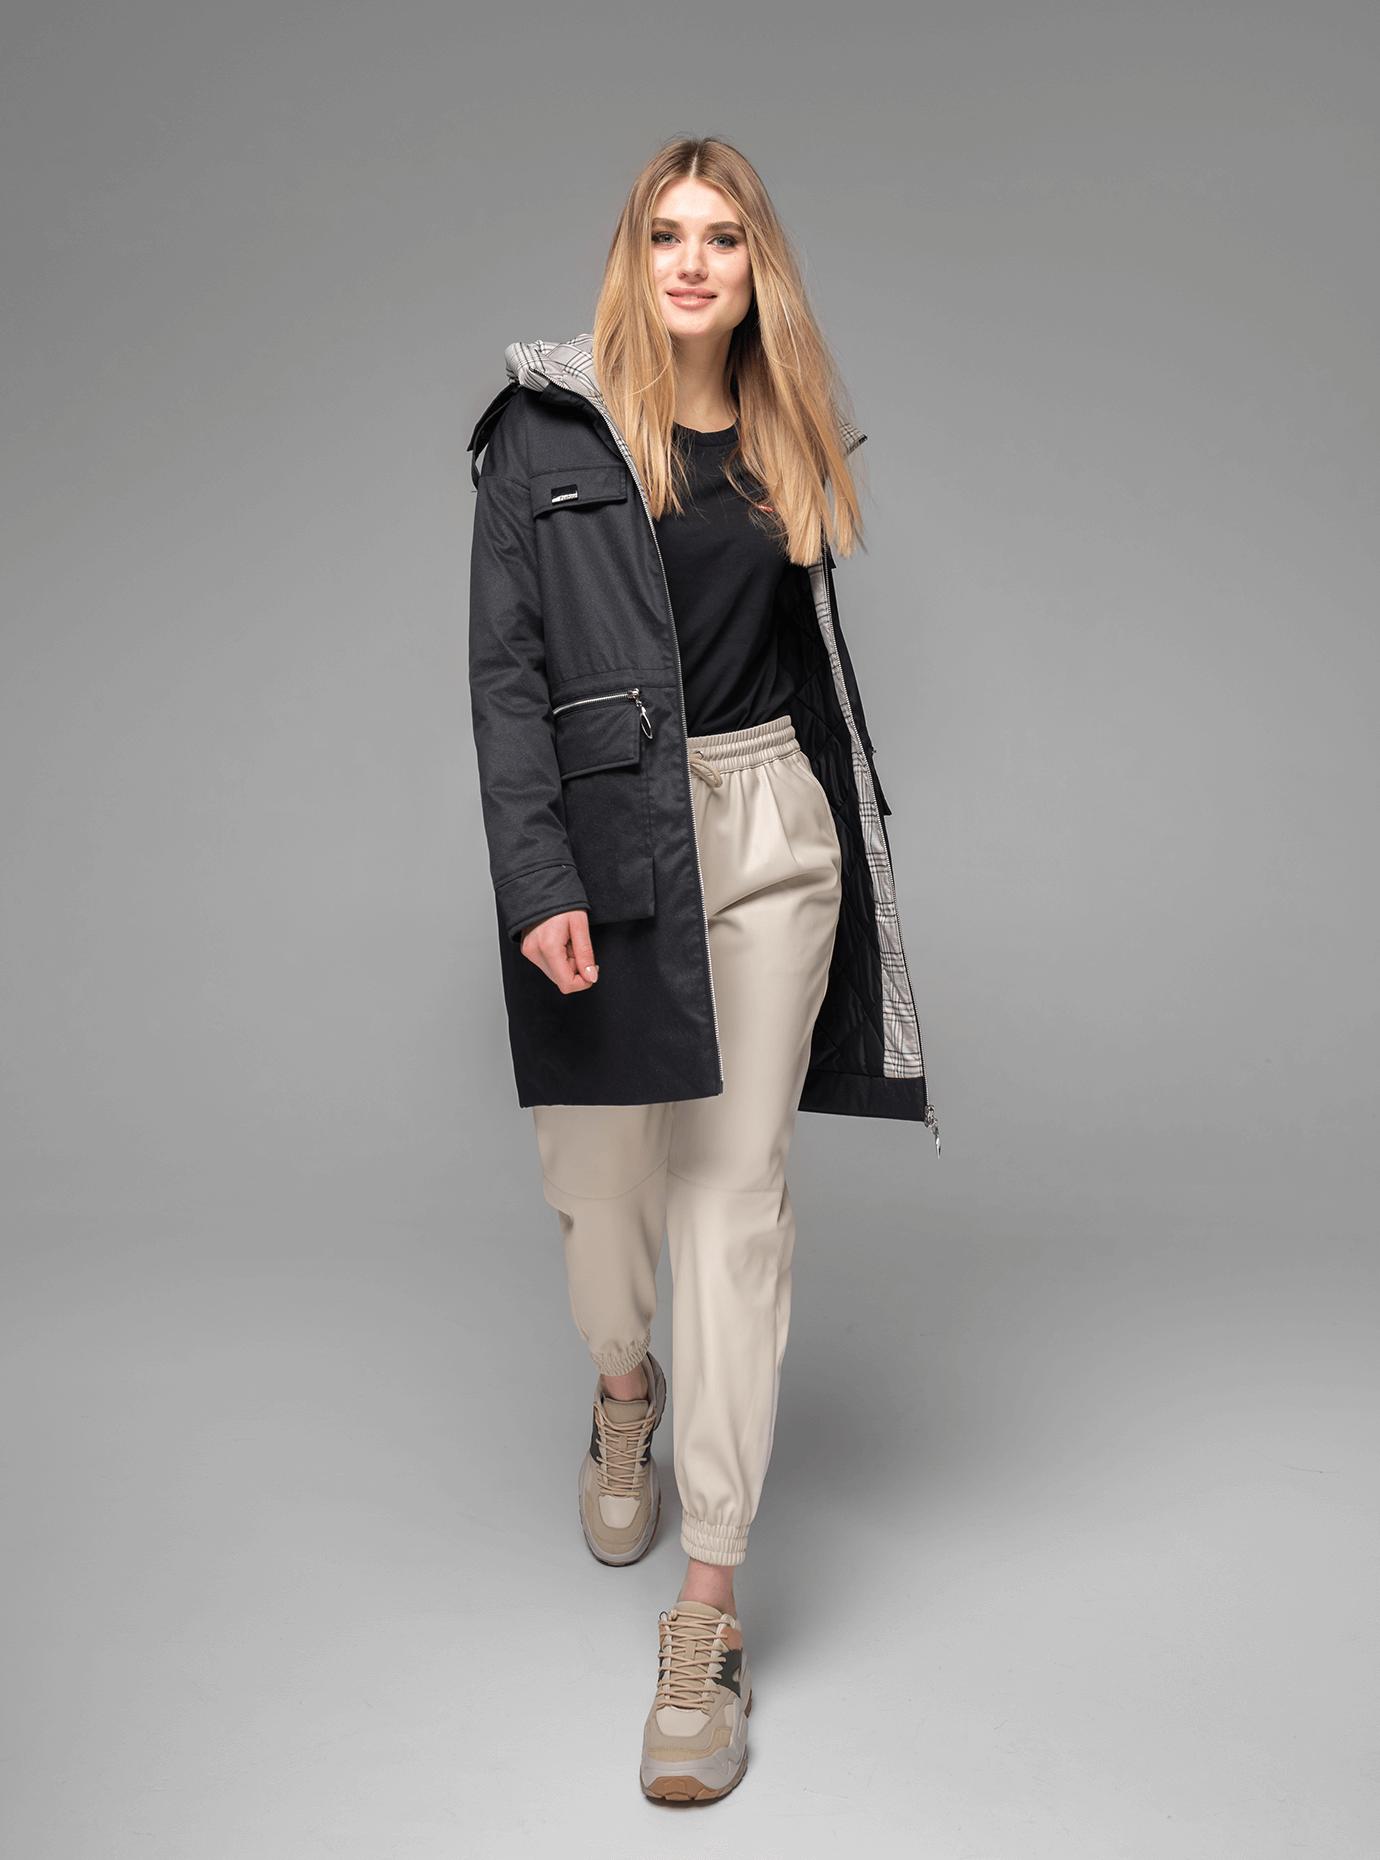 Куртка демисезонная женская средней длины Чёрный M (02-V191027): фото - Alster.ua